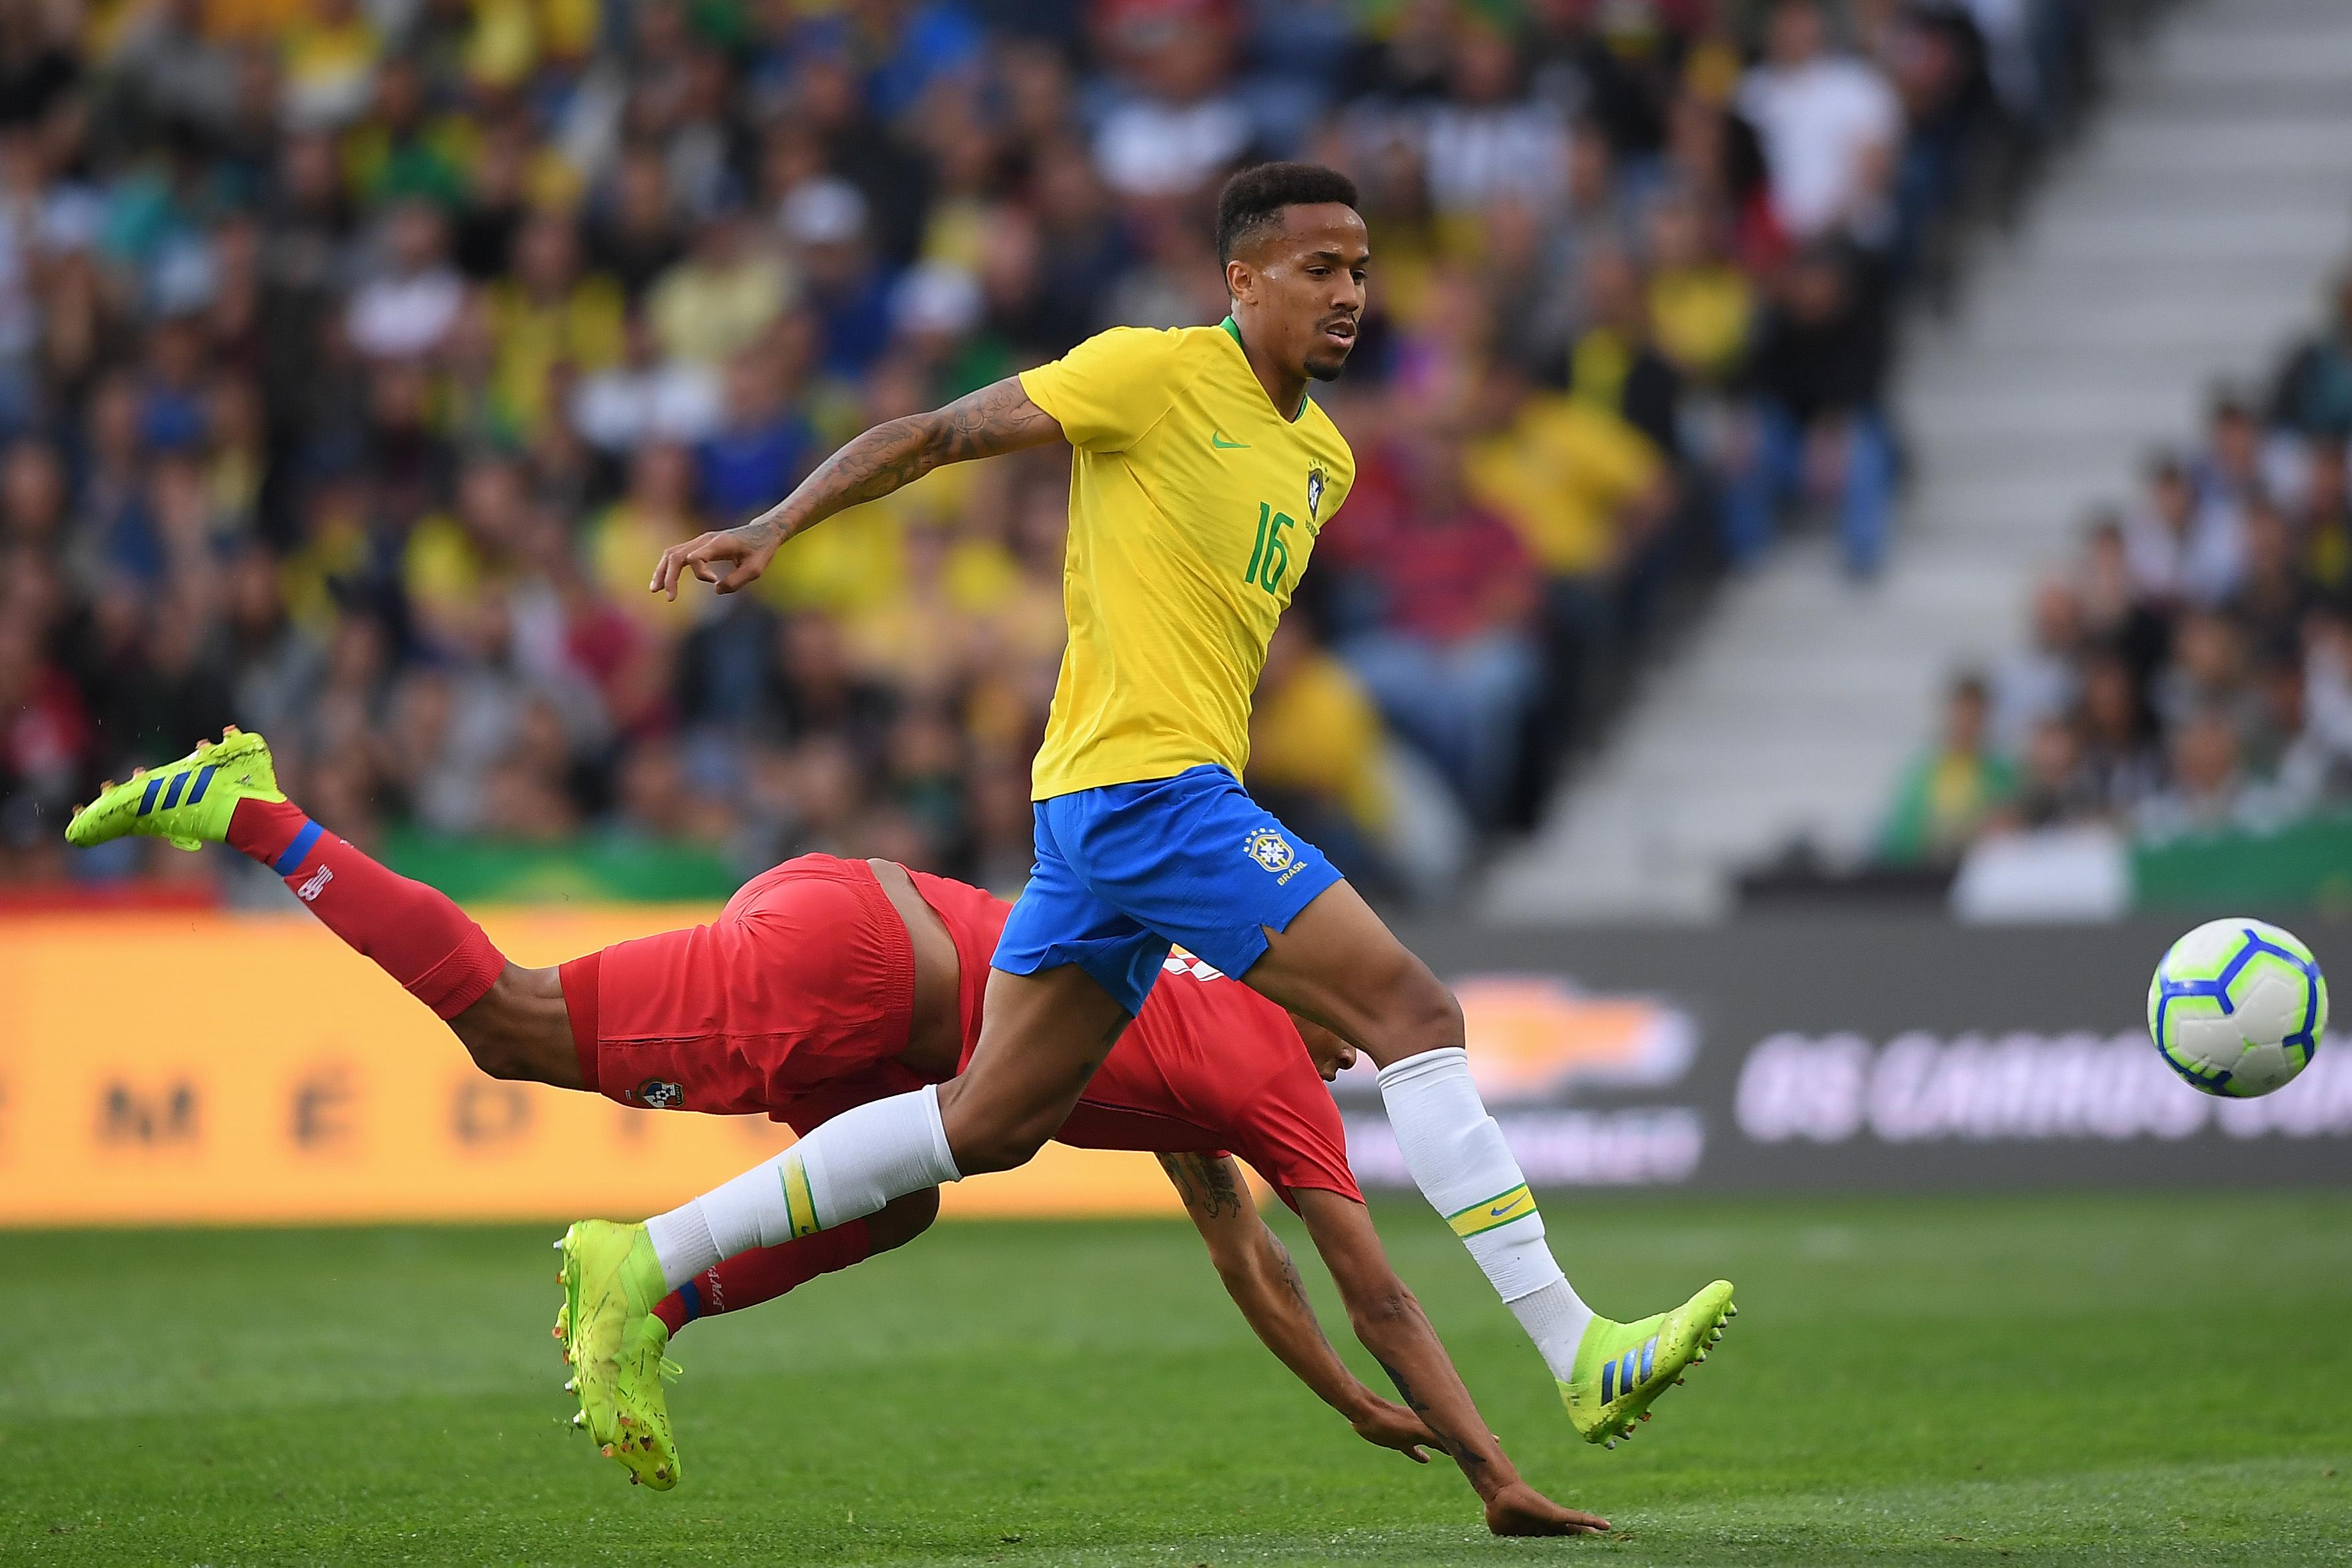 Brasil com pouco 'samba nos pés' empata particular com Panamá